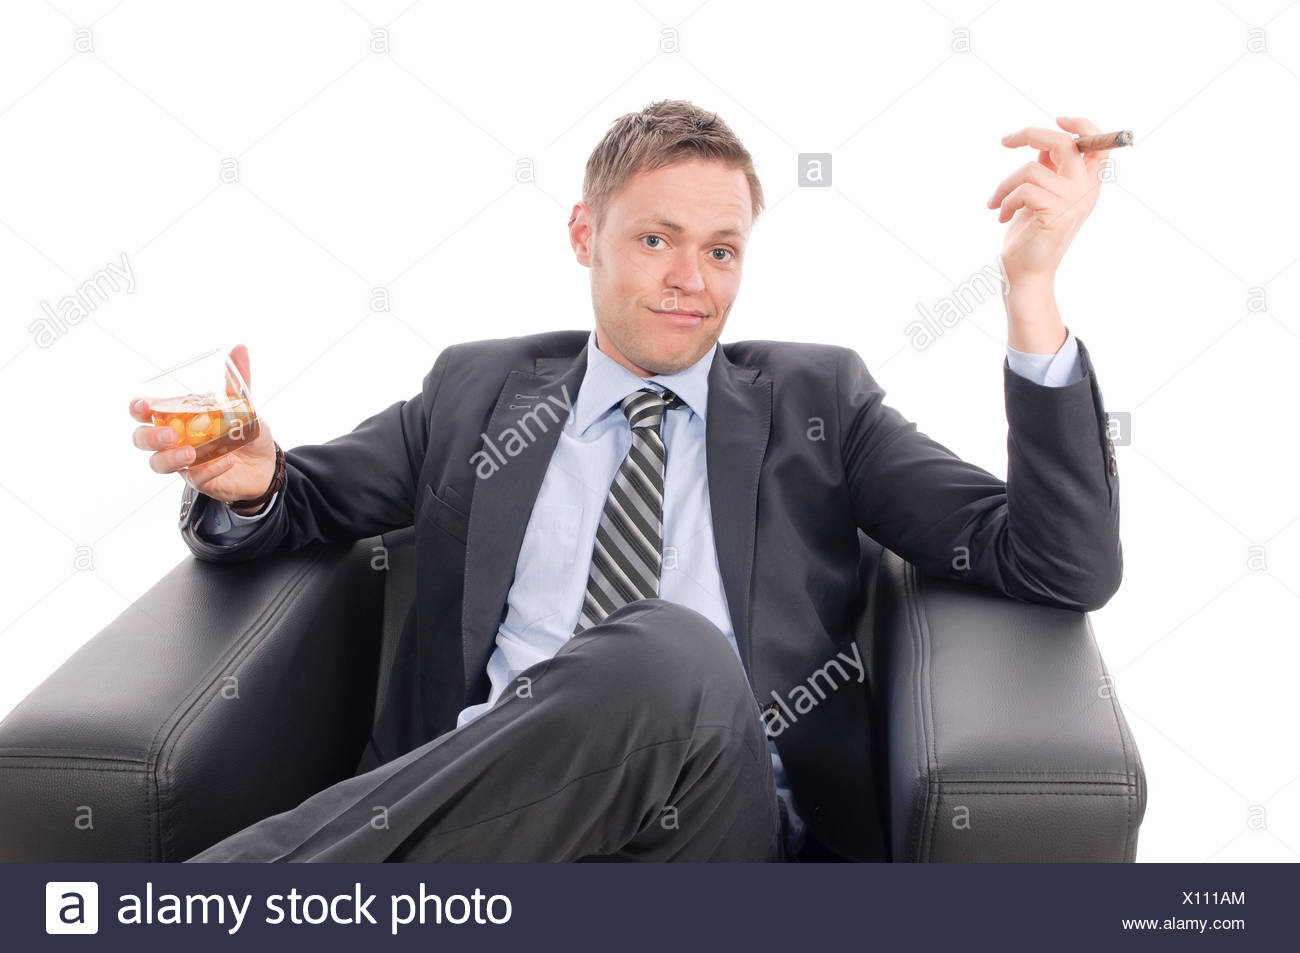 Junger Geschäftsmann in Anzug und Krawatte sitzt gemütlich in einem schwarzen Ledersessel und genießt eine Zigarre und einen Drink. Freigestellt vor weißem Hintergrund - Stock Image